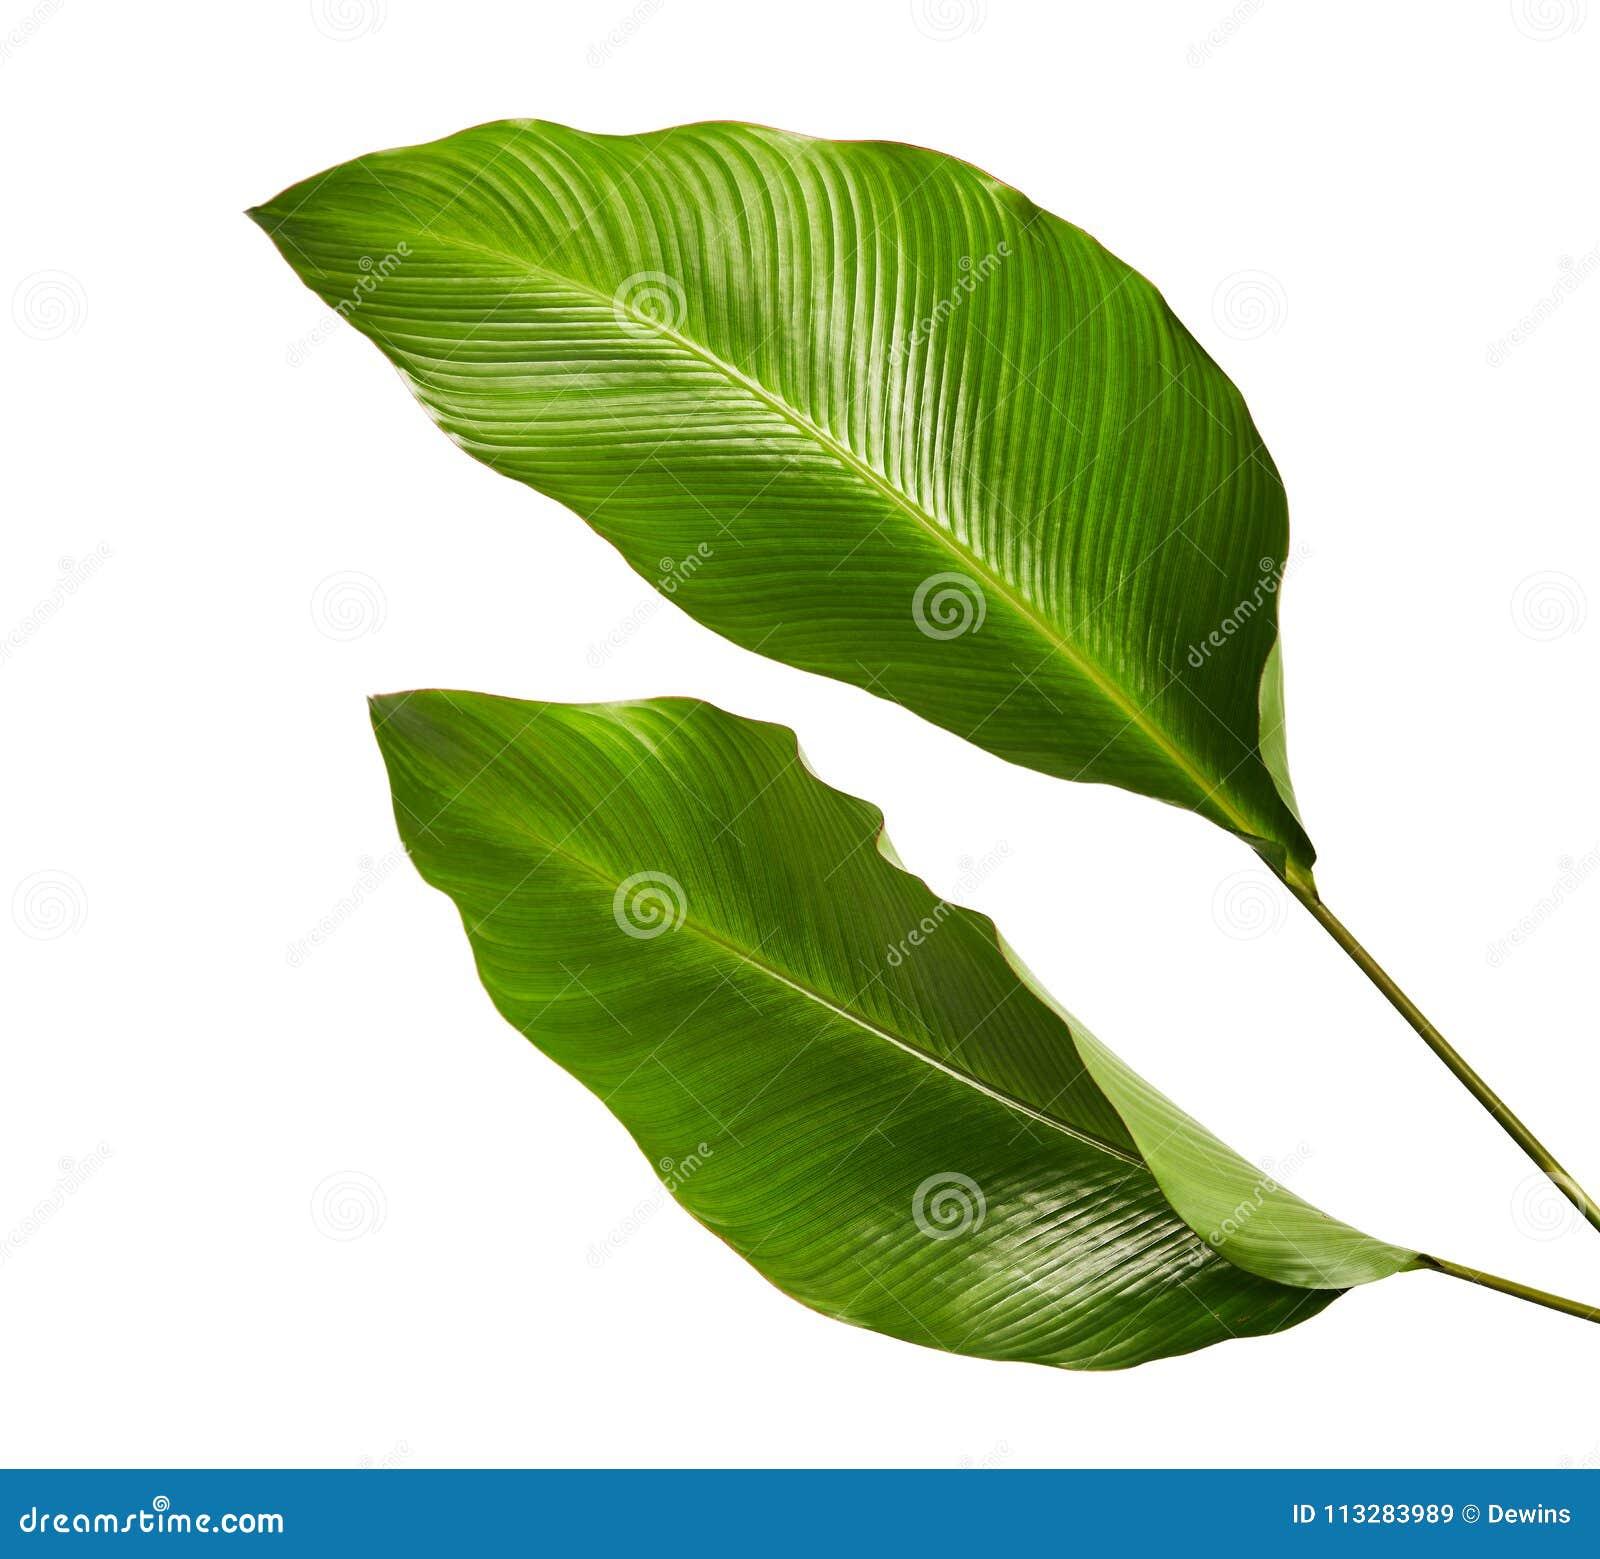 Calathea lövverk, exotiskt tropiskt blad, stort grönt blad som isoleras på vit bakgrund